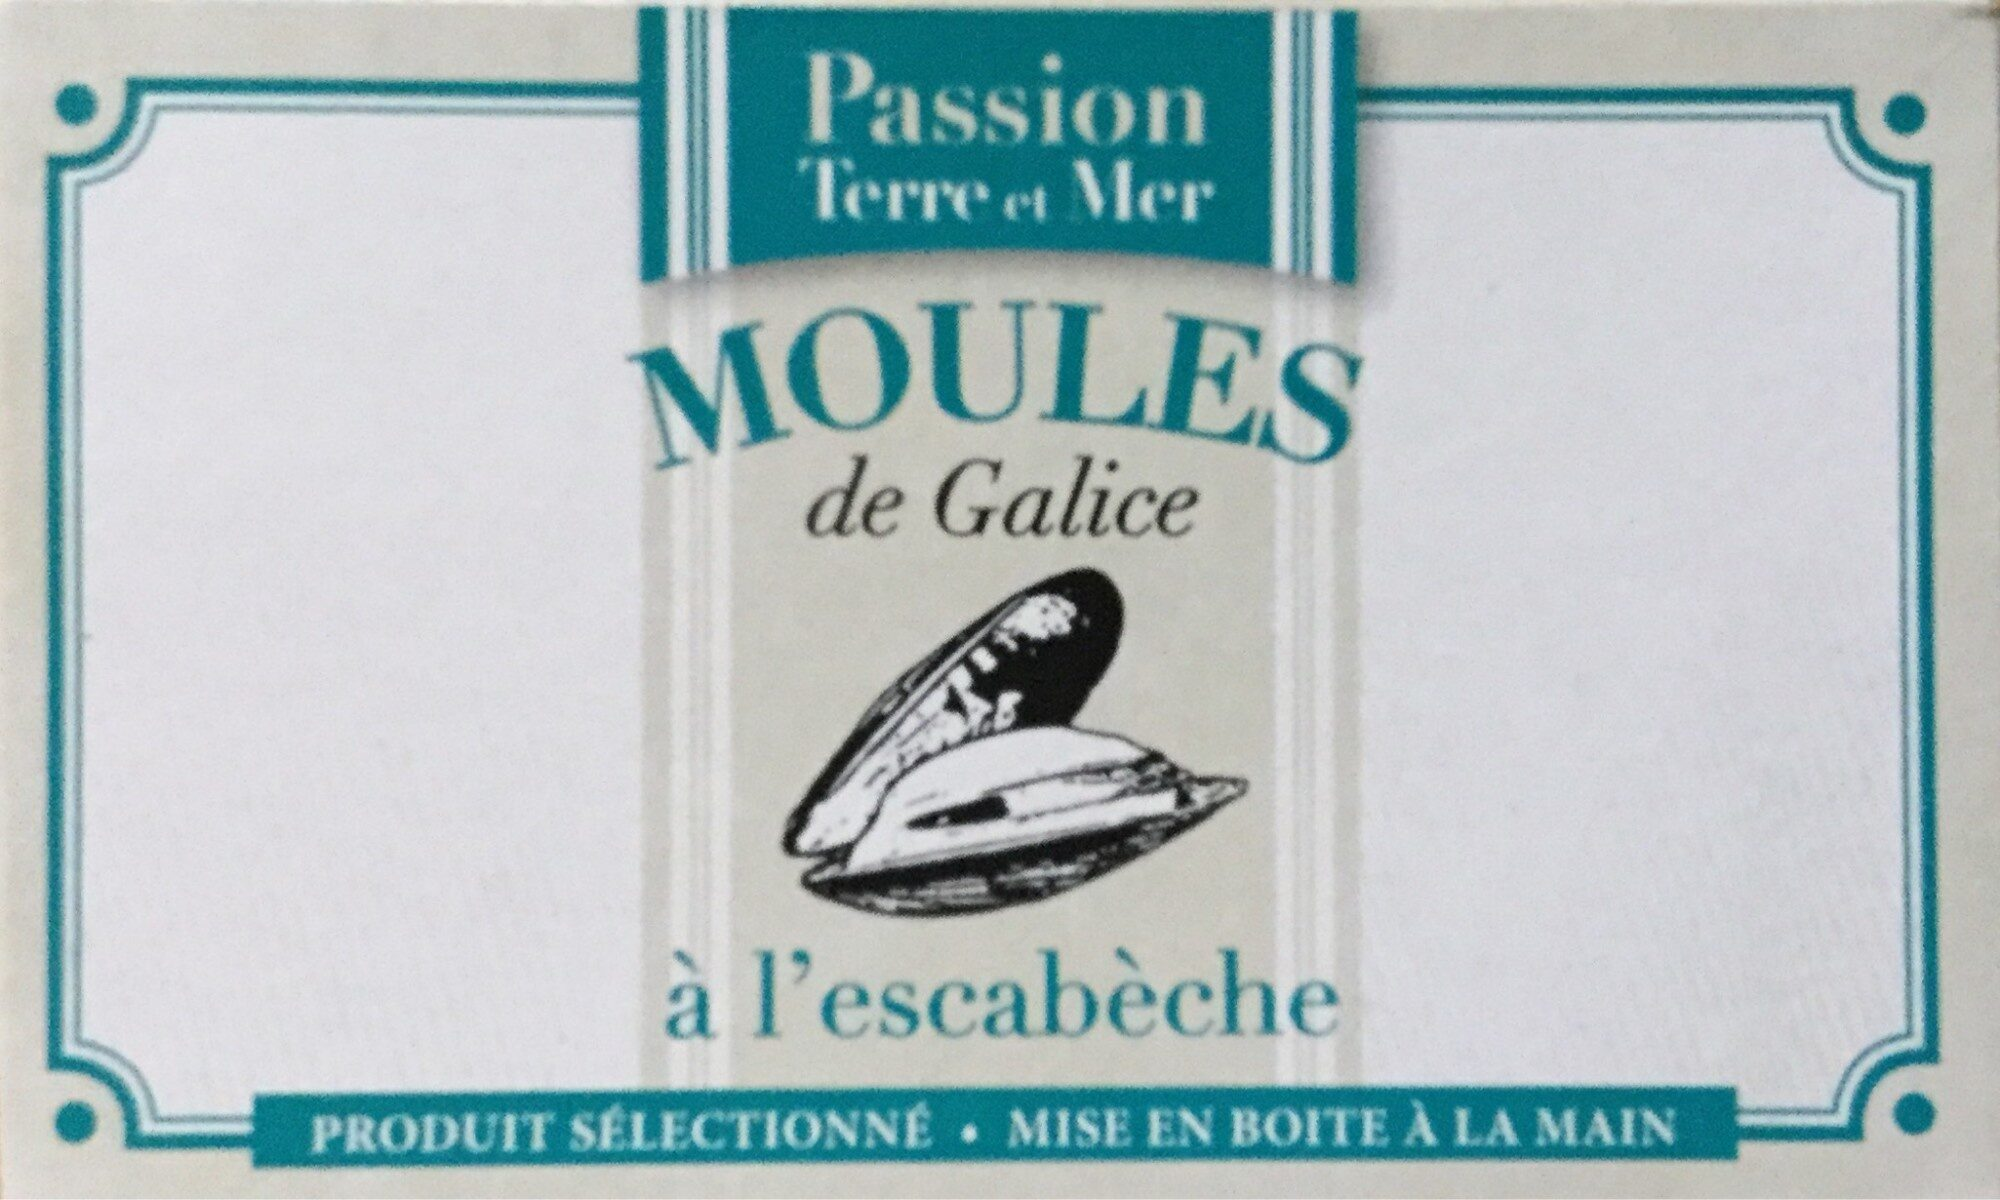 Moules de Galice à l'escabèche - Product - fr